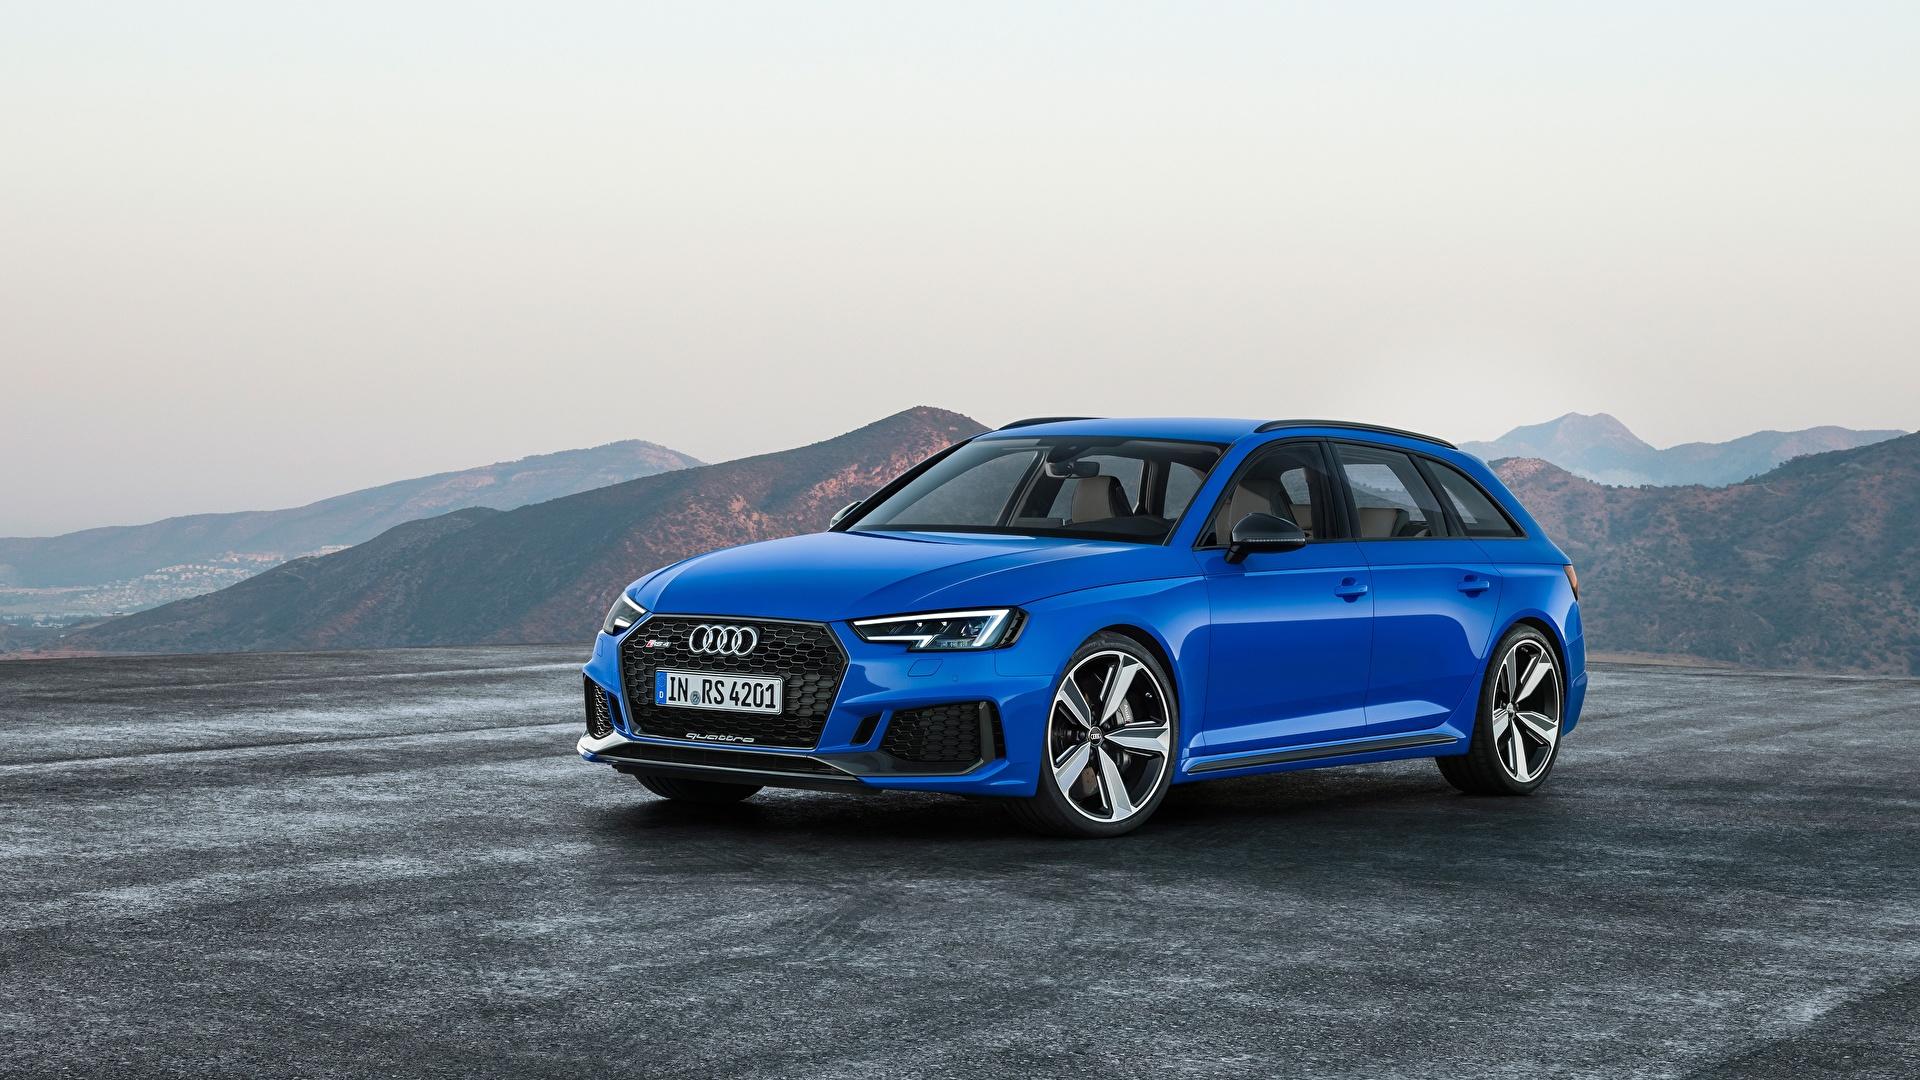 Обои для рабочего стола Ауди Универсал RS4, Avant, 2017 Синий авто Асфальт 1920x1080 Audi синяя синие синих машины машина асфальта Автомобили автомобиль